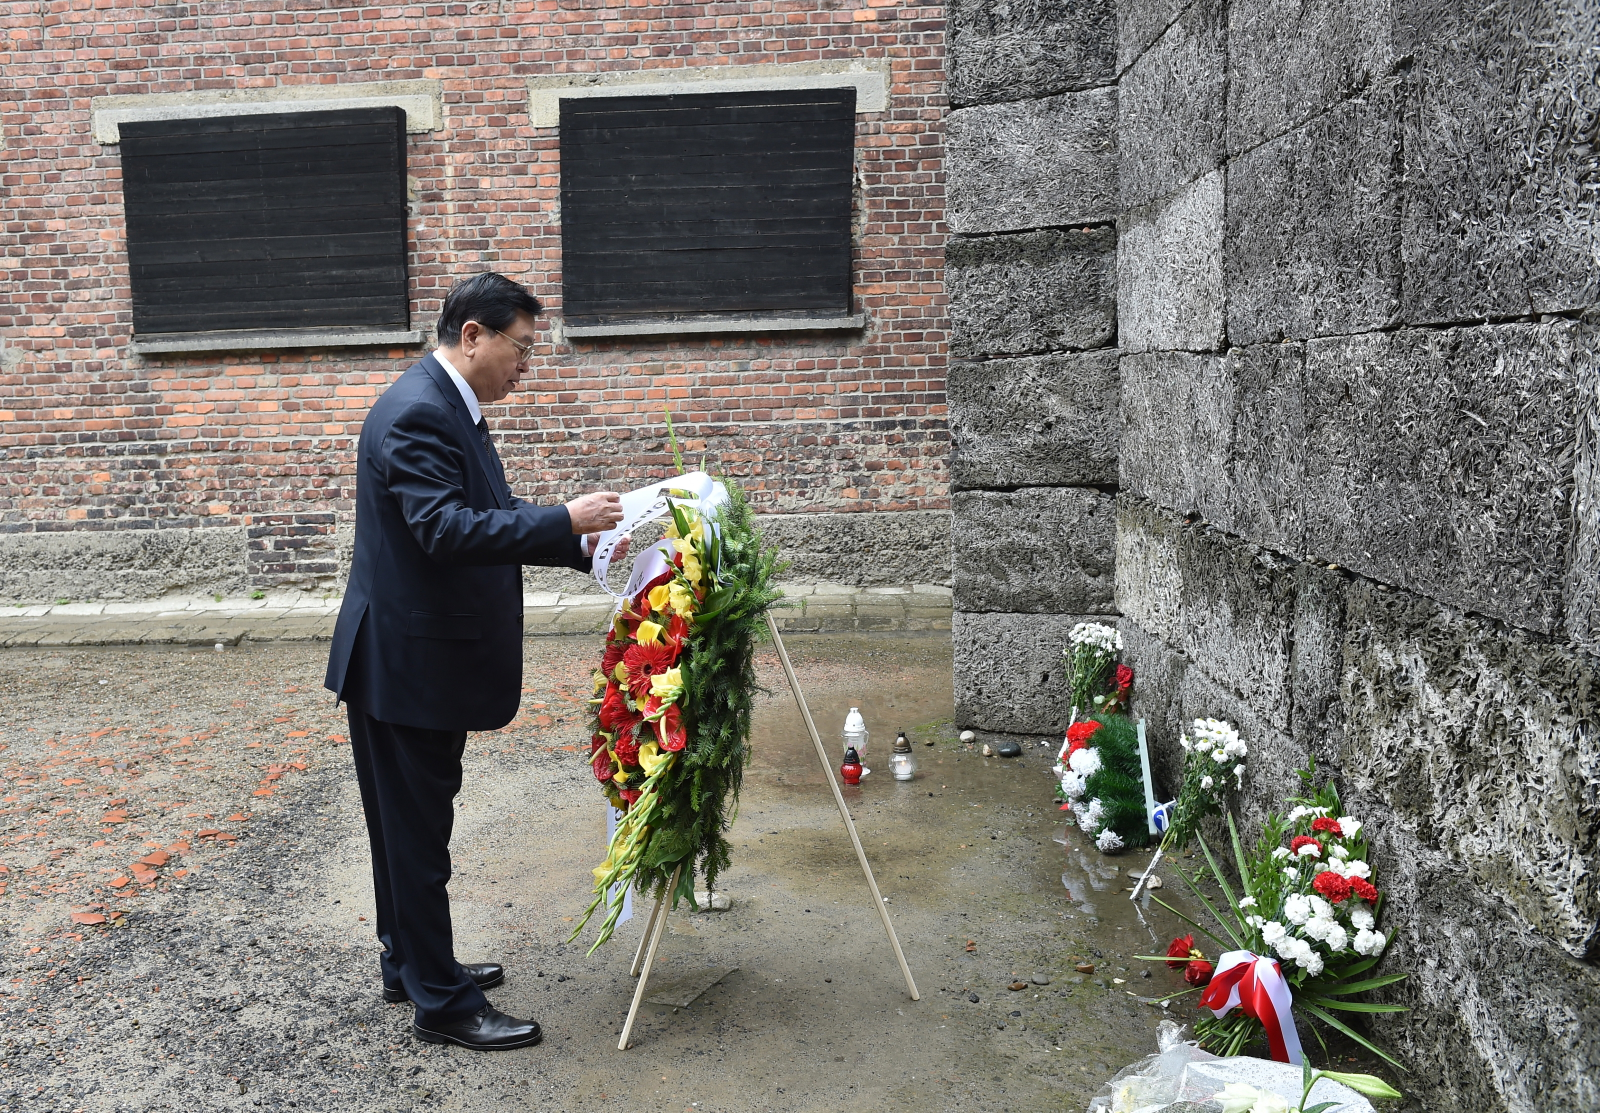 Przewodniczący Stałego Komitetu Ogólnochińskiego Zgromadzenia Przedstawicieli Ludowych Zhang Dejiang złożył kwiaty przy Ścianie Śmierci na terenie byłego niemieckiego, nazistowskiego obozu koncentracyjnego i zagłady KL Auschwitz w Oświęcimiu, Fot.  PAP/Jacek Bednarczyk